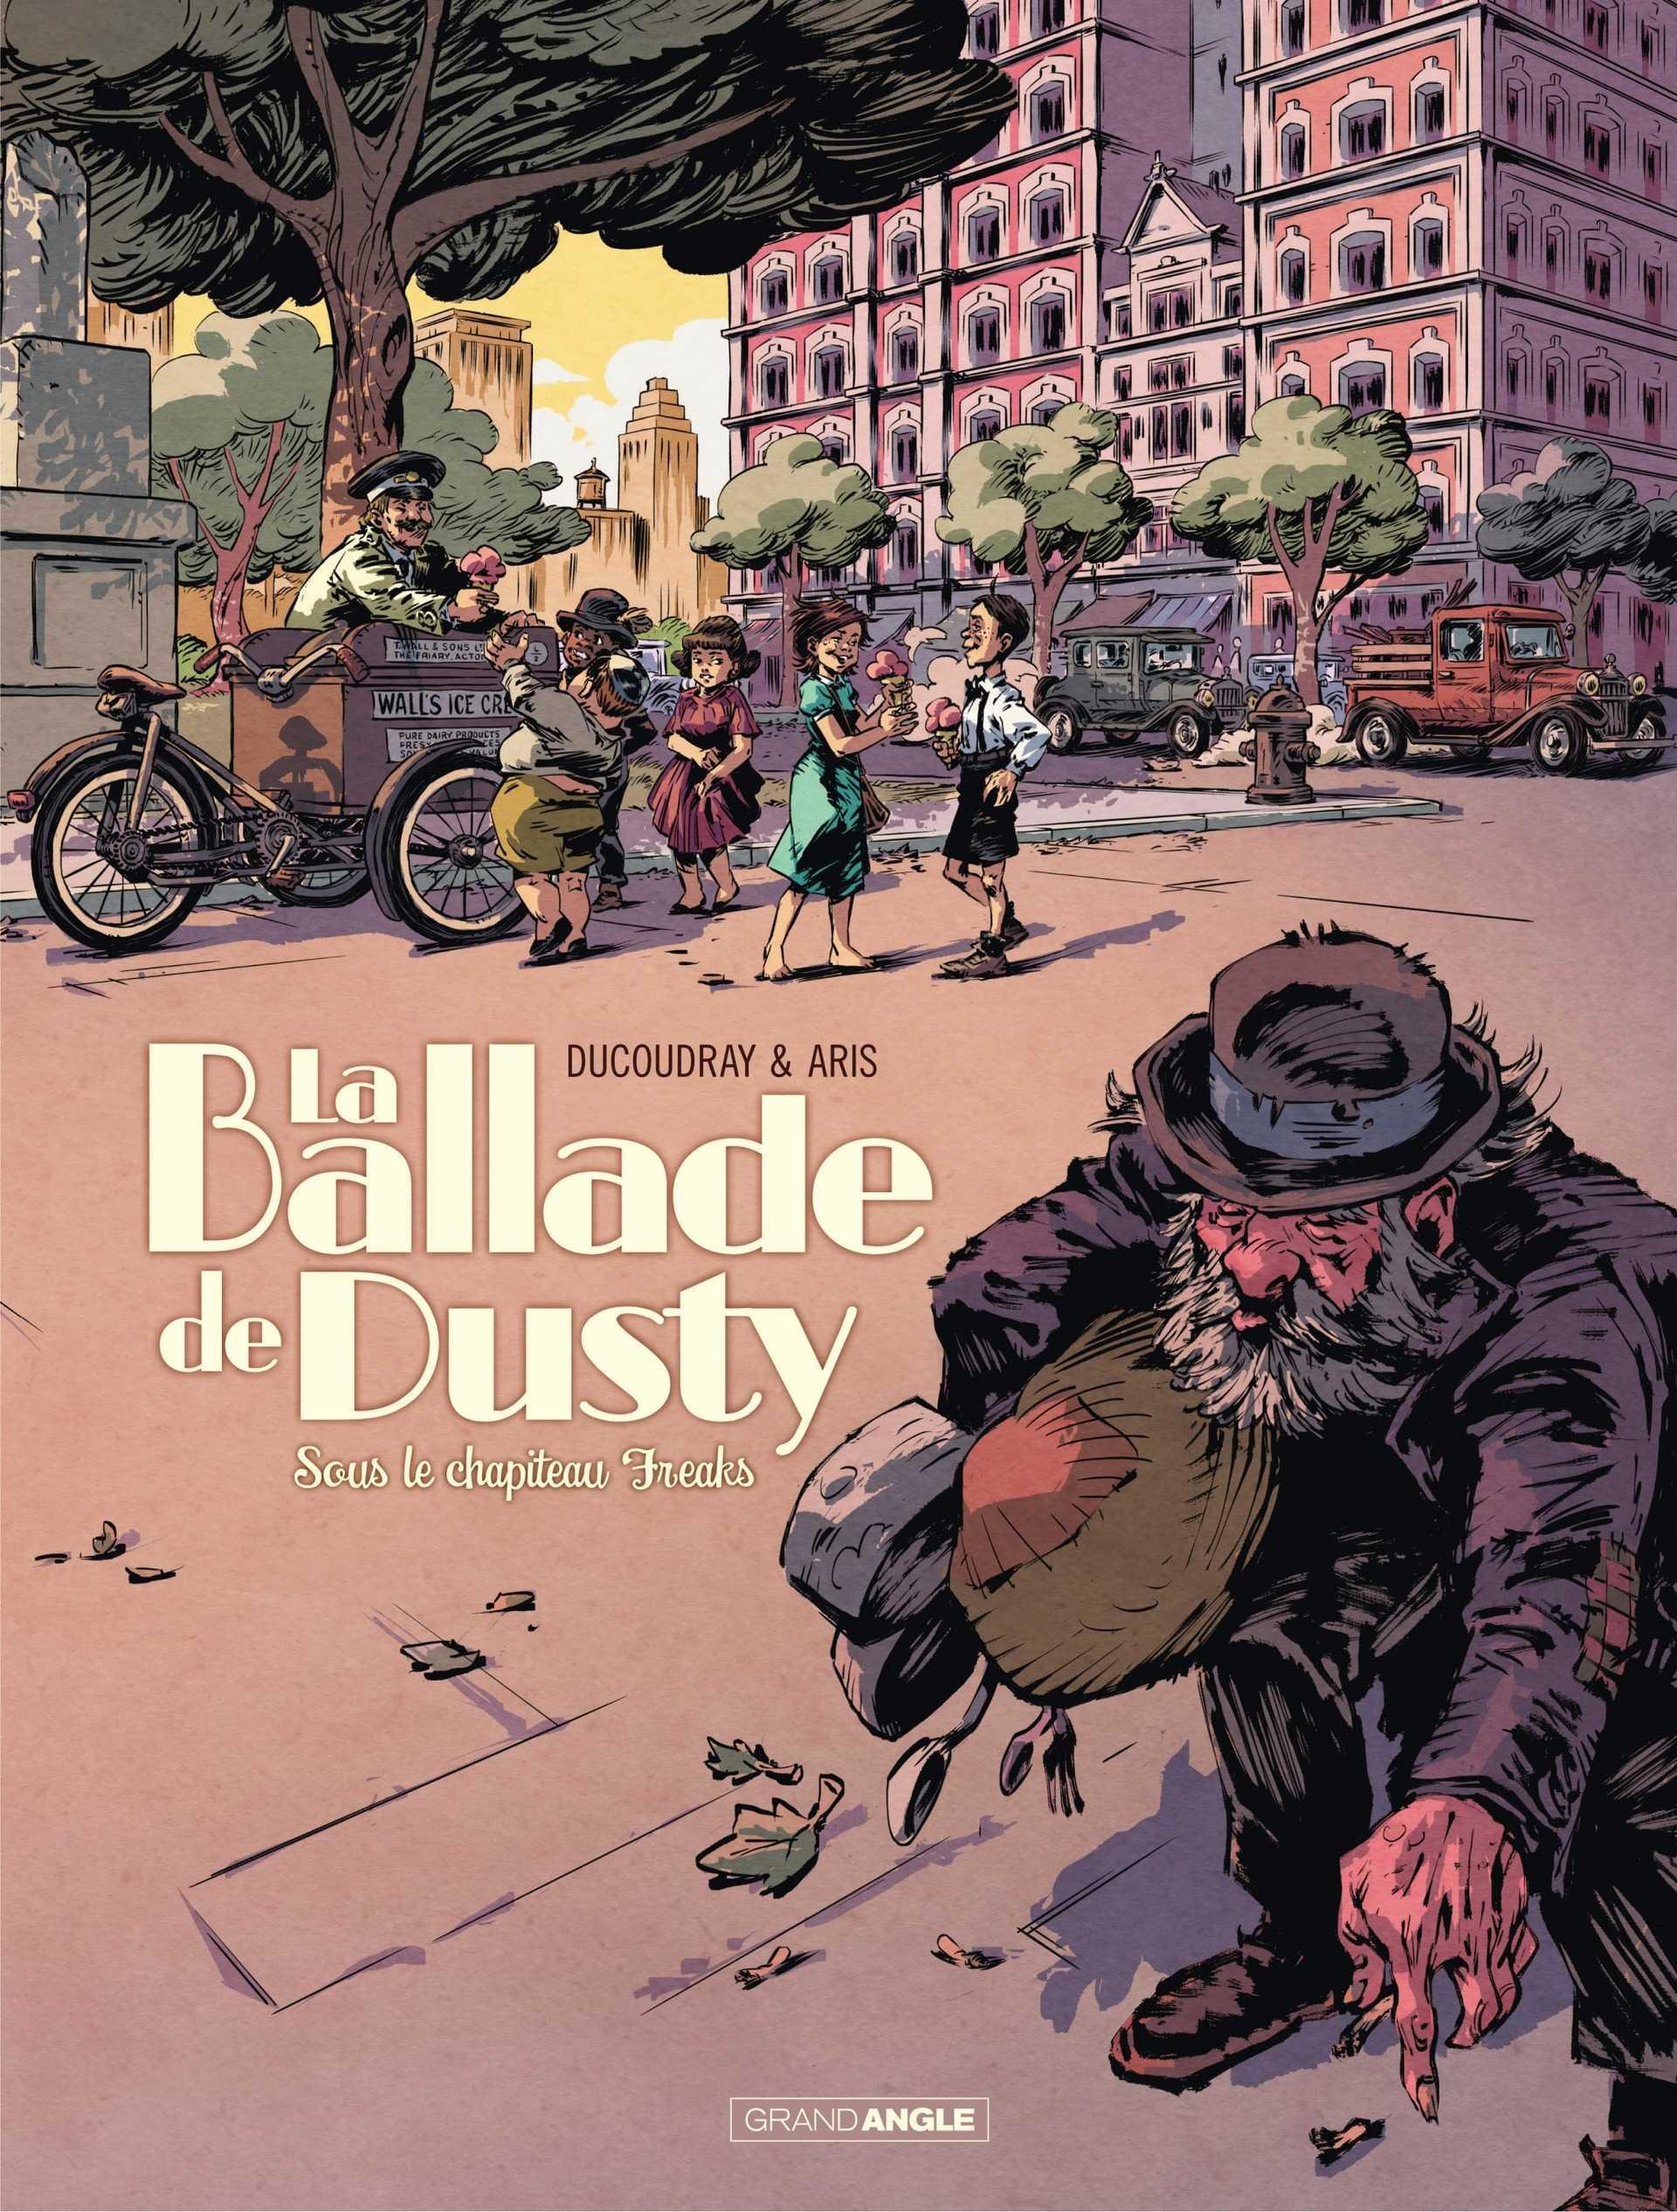 La Ballade de Dusty T2, direction Washington et les Petites Canailles